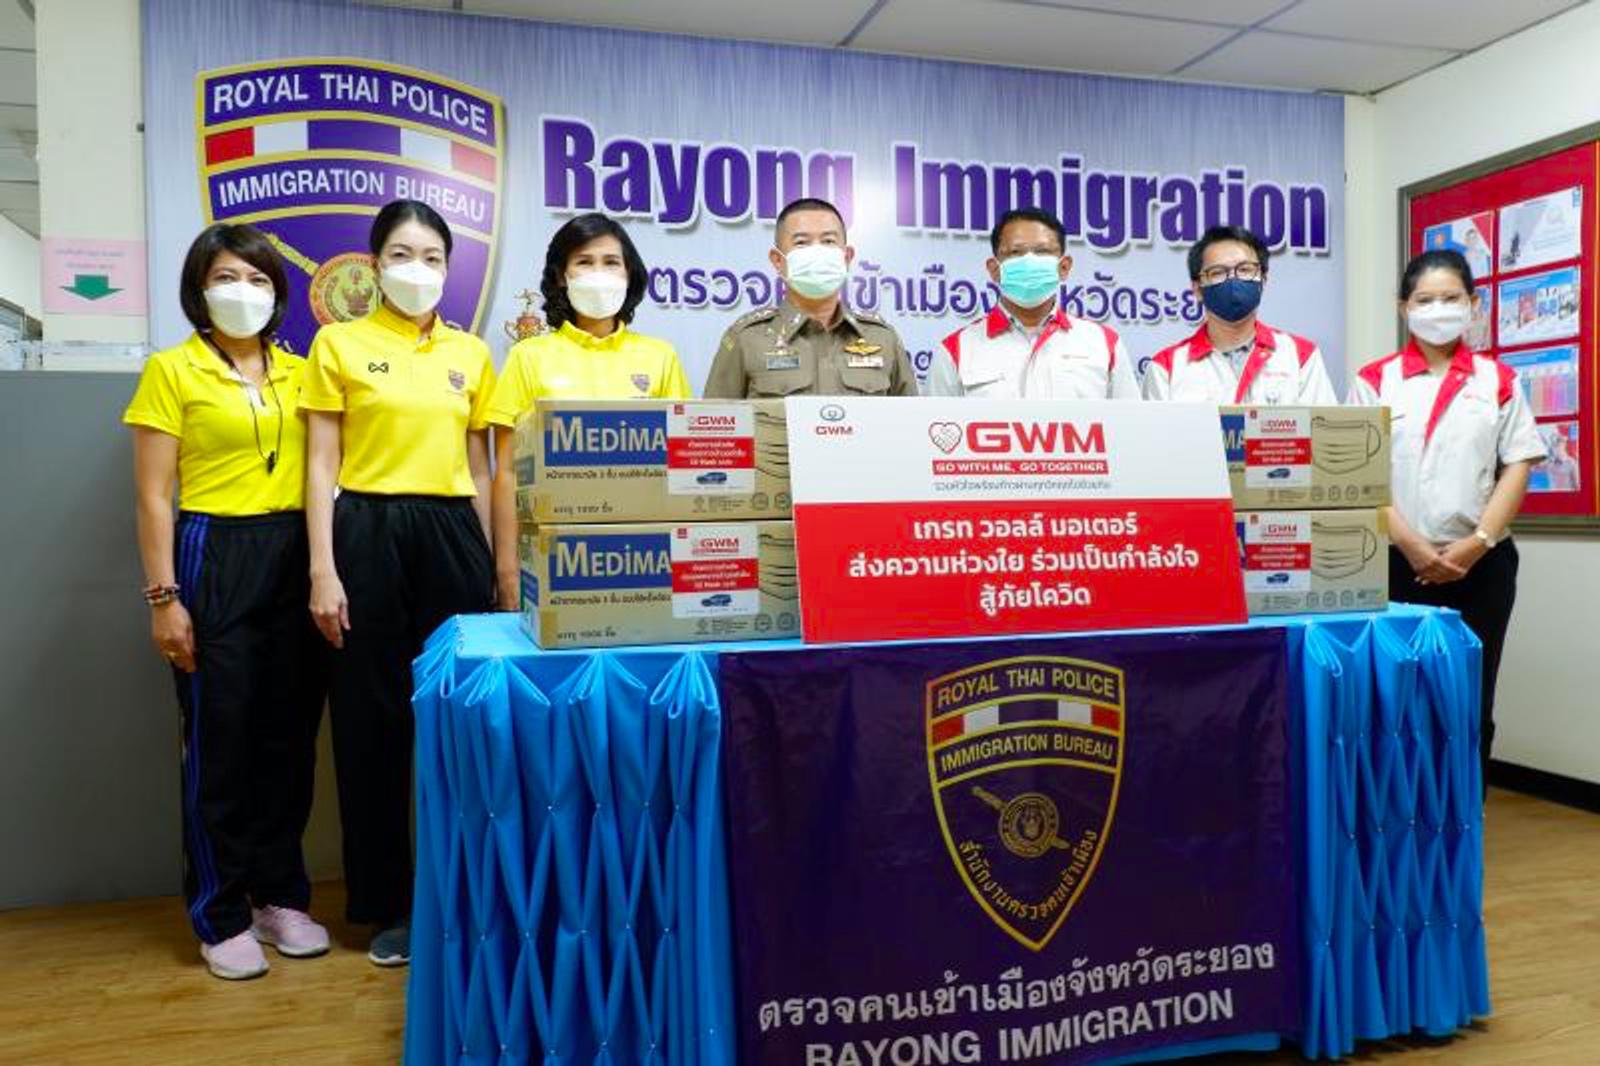 长城汽车驰援泰国抗疫.jpg